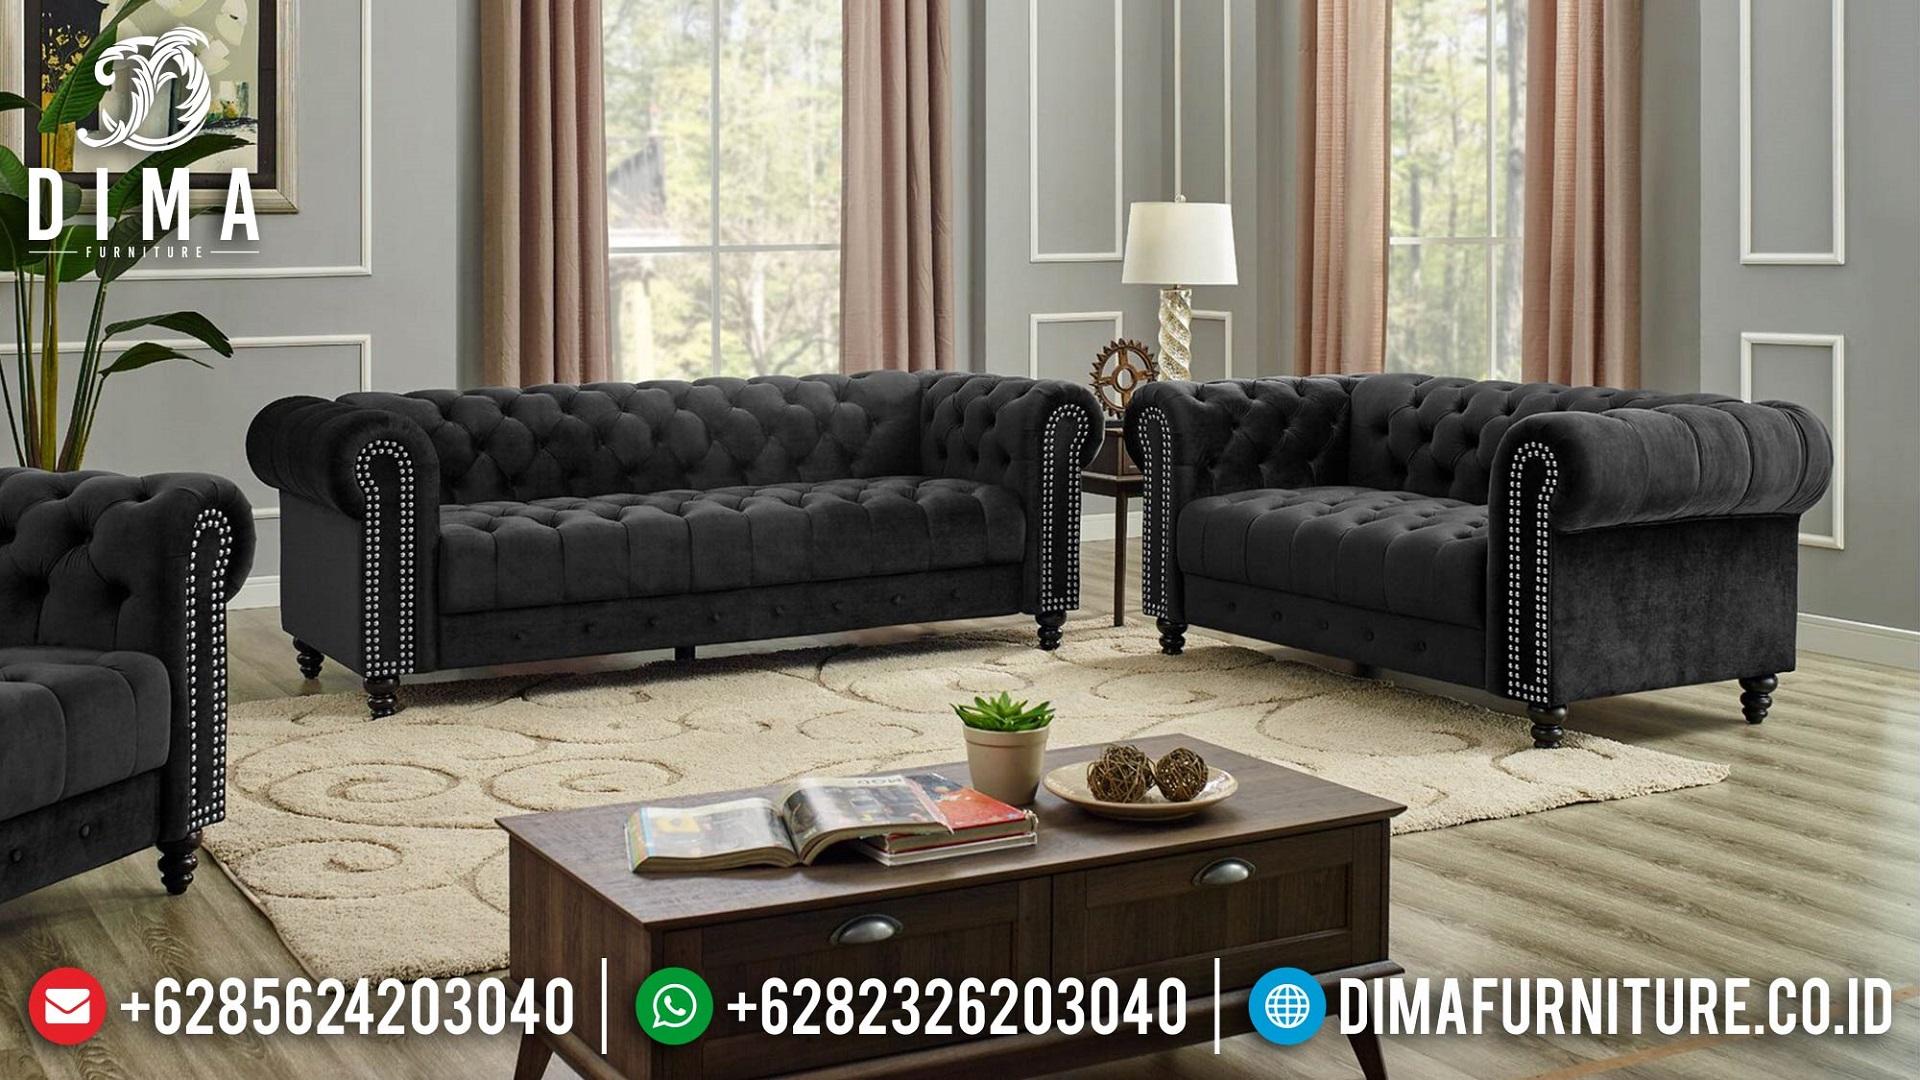 Sofa Tamu Minimalis Jepara Simple Elegant Furniture Jepara BT-1009